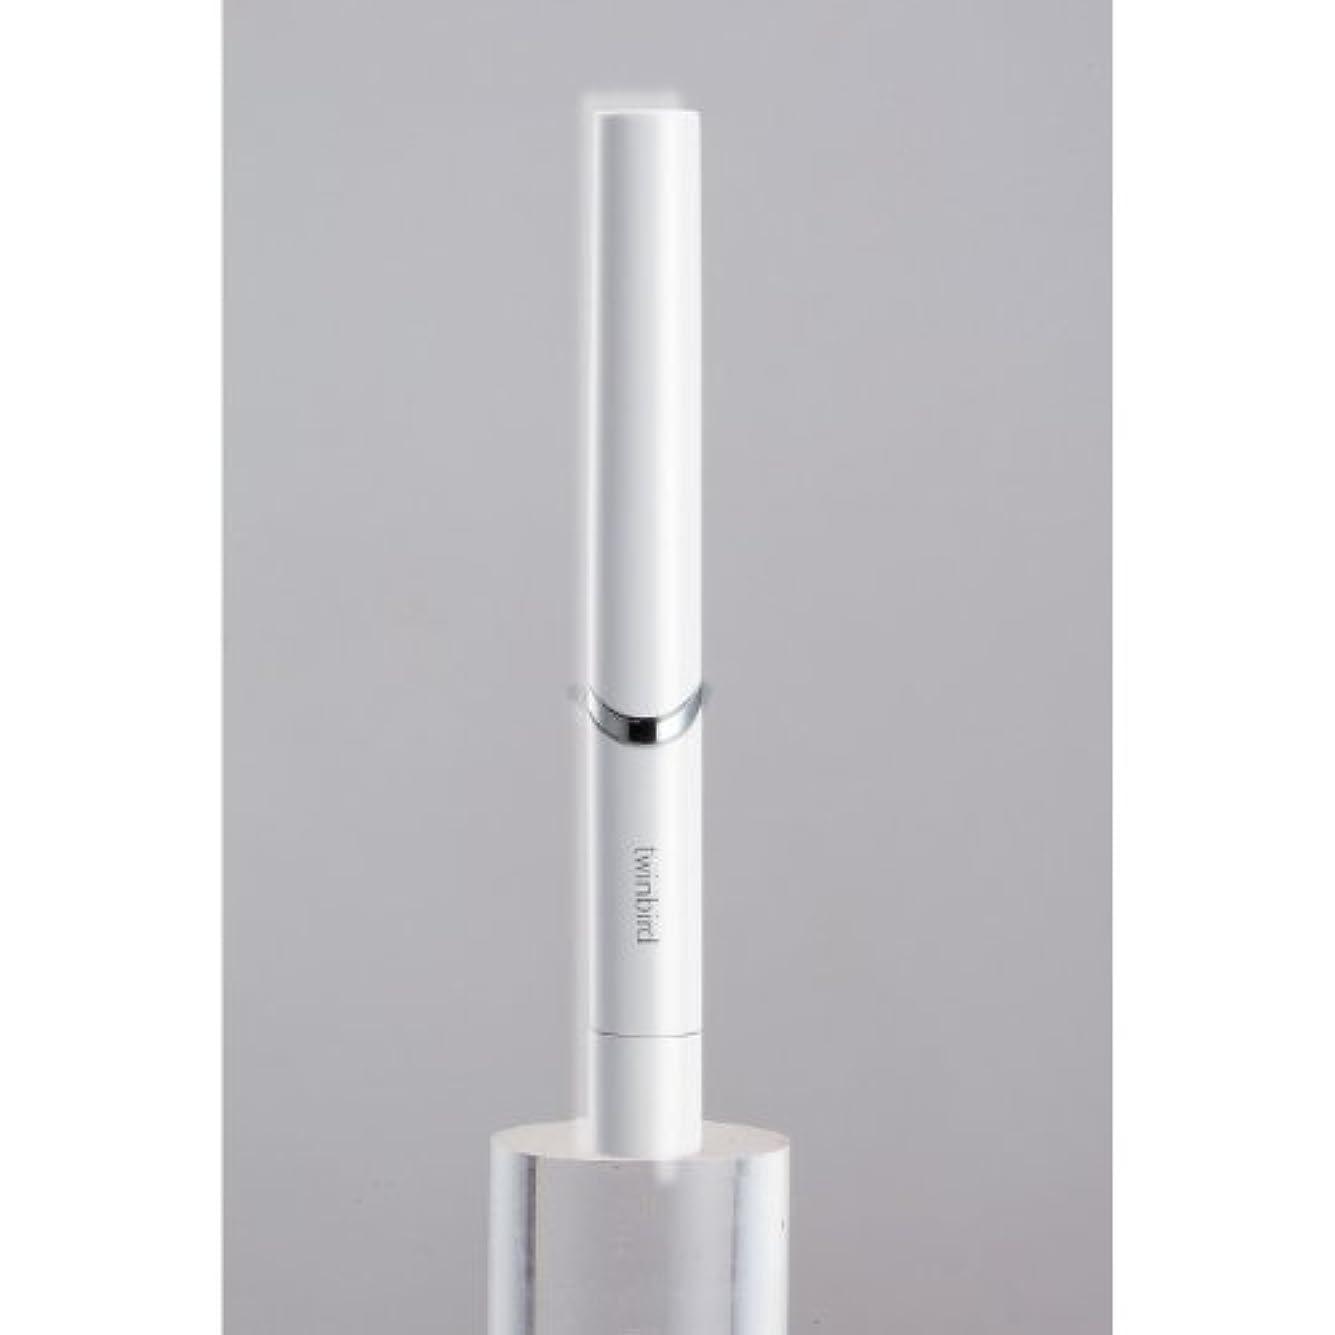 とらえどころのない指定する患者ツインバード 音波振動式歯ブラシ BD-2741 ホワイト?BD-2741W